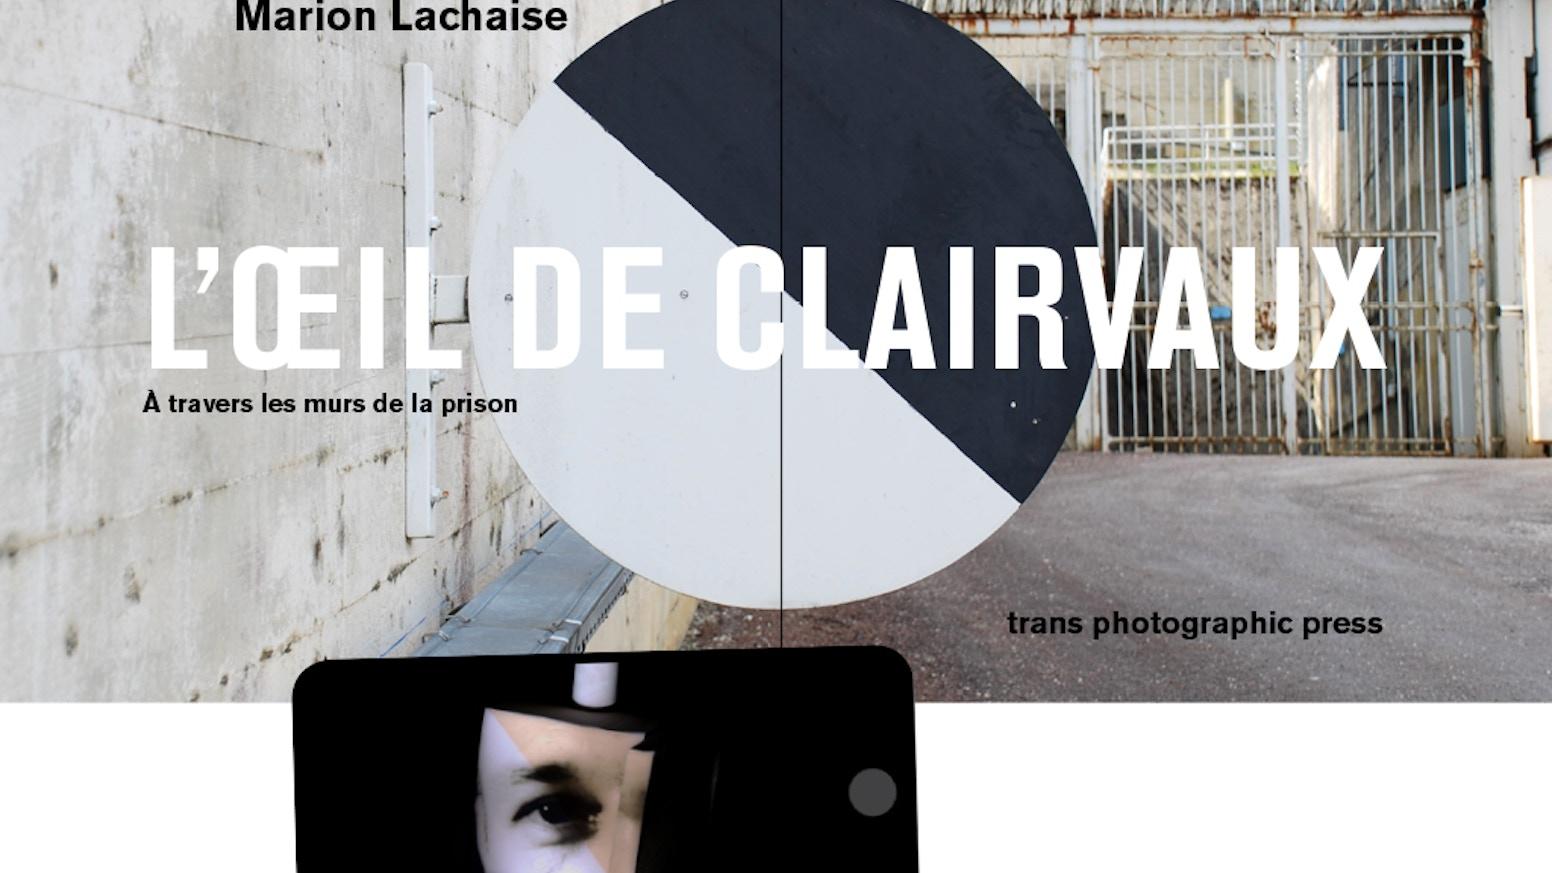 La Maison Du Bois Clairvaux l'Œil de clairvauxmarion lachaise — kickstarter